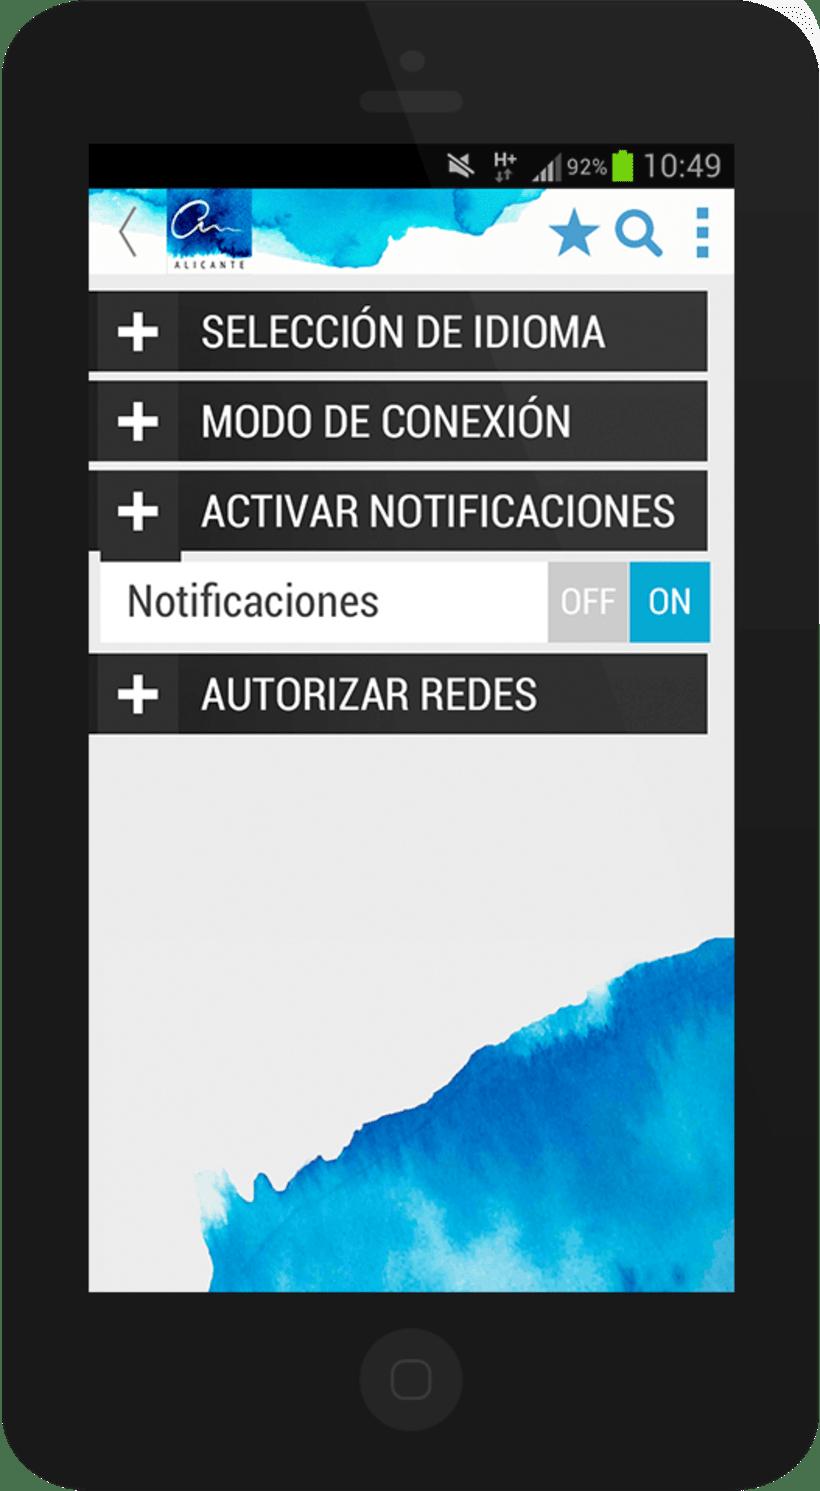 Alicante City mobile app 8